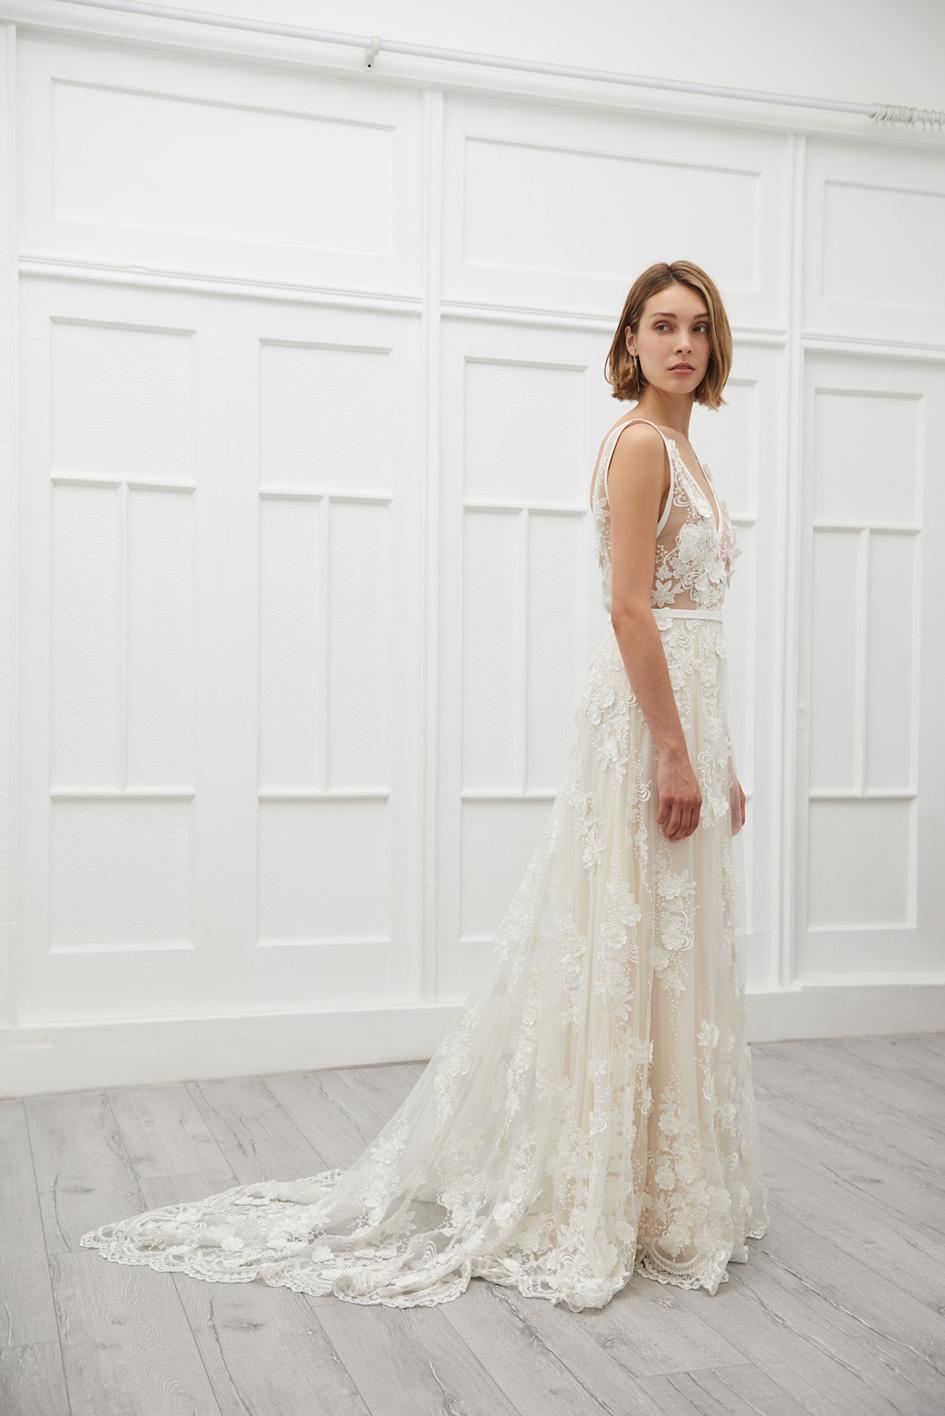 f78cb9de6b0b De har en helt særlig nordisk minimalisme over sig og deres grafiske  skarphed gør dem særlig og smukke lige som en unik brudekjole skal være.